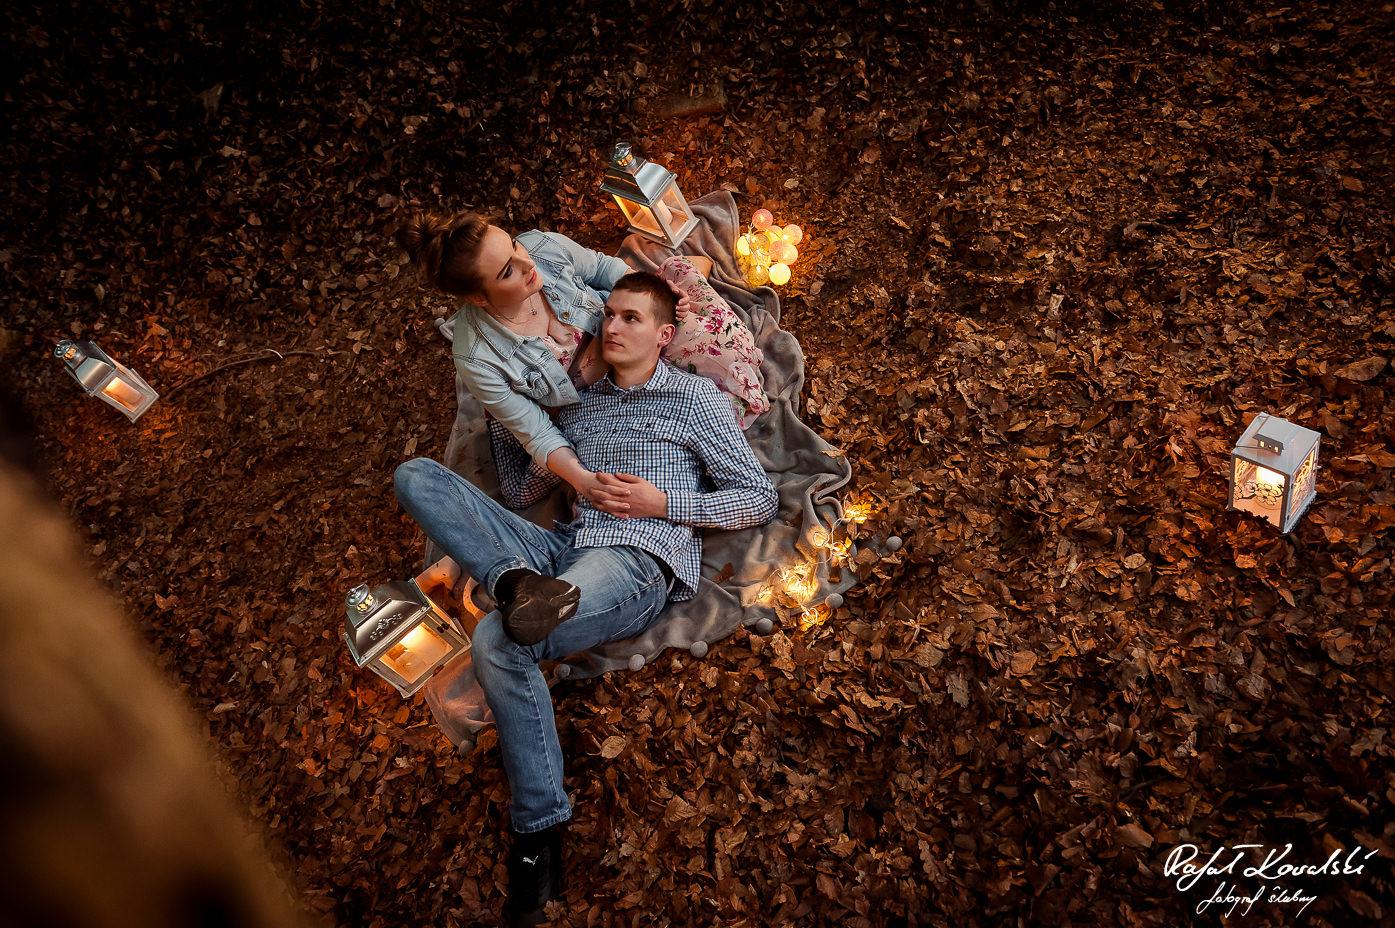 Piknik w lesie pośród lampionów. Zakochana para na kocyku w trakcie sesji narzeczeńskiej